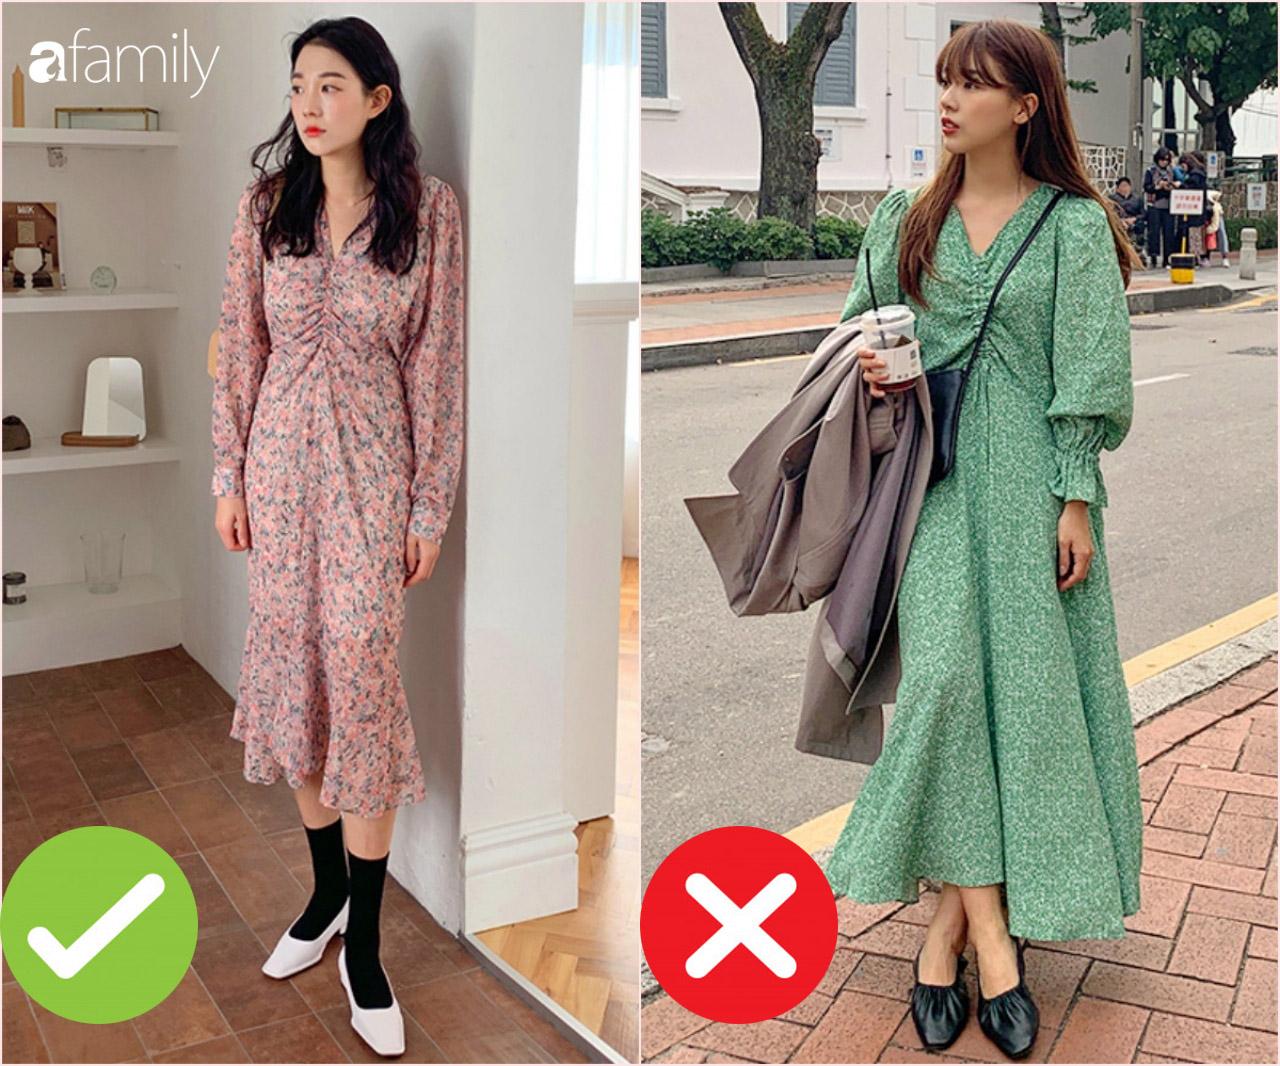 Tiết kiệm tiền khi mua váy hoa: 4 tips lên đồ giúp bạn đẹp tưng bừng mà không hề sến súa với item hot hit này - Ảnh 3.